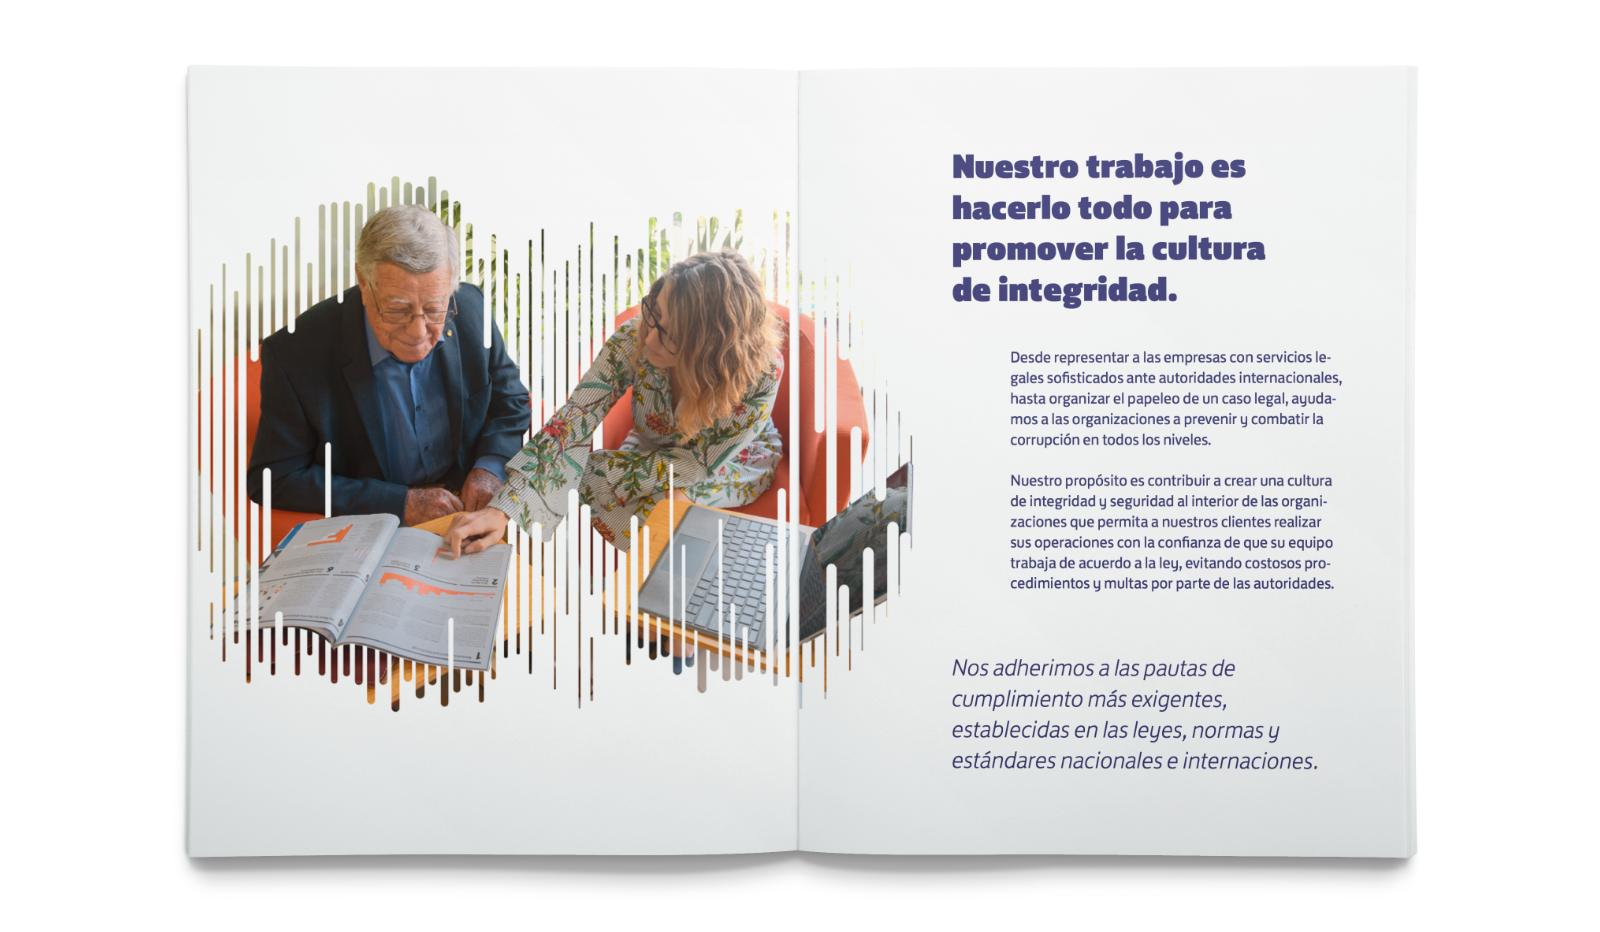 brochure de Streiner con fotografía